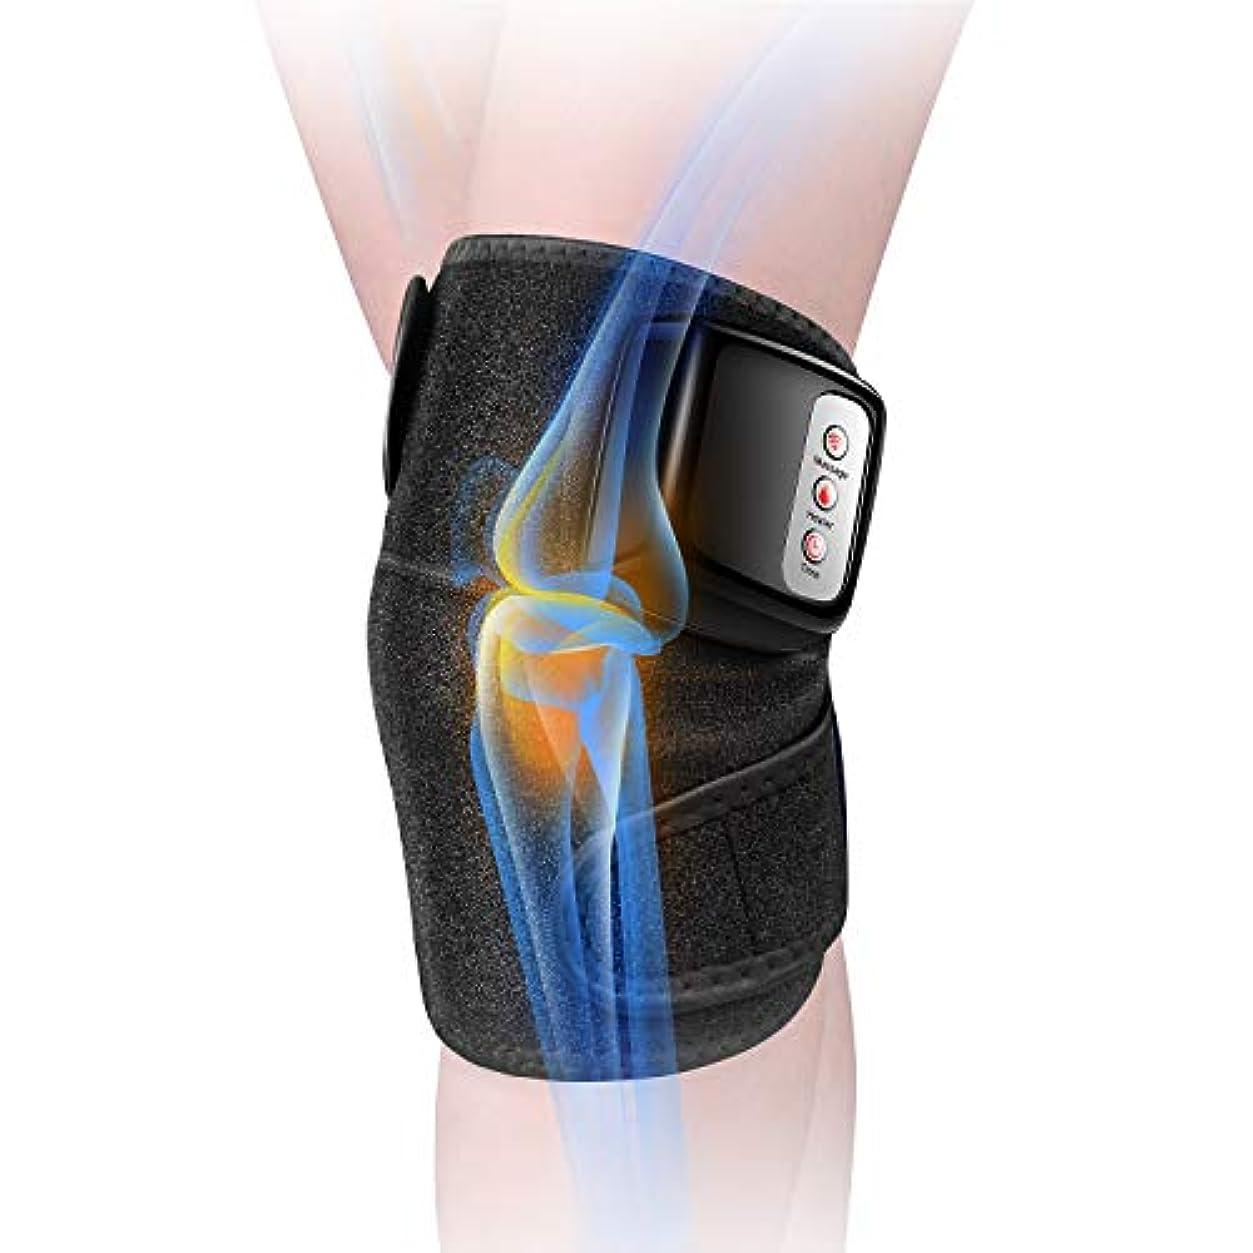 参照入場料前進膝マッサージャー 関節マッサージャー マッサージ器 フットマッサージャー 振動 赤外線療法 温熱療法 膝サポーター ストレス解消 肩 太もも/腕対応